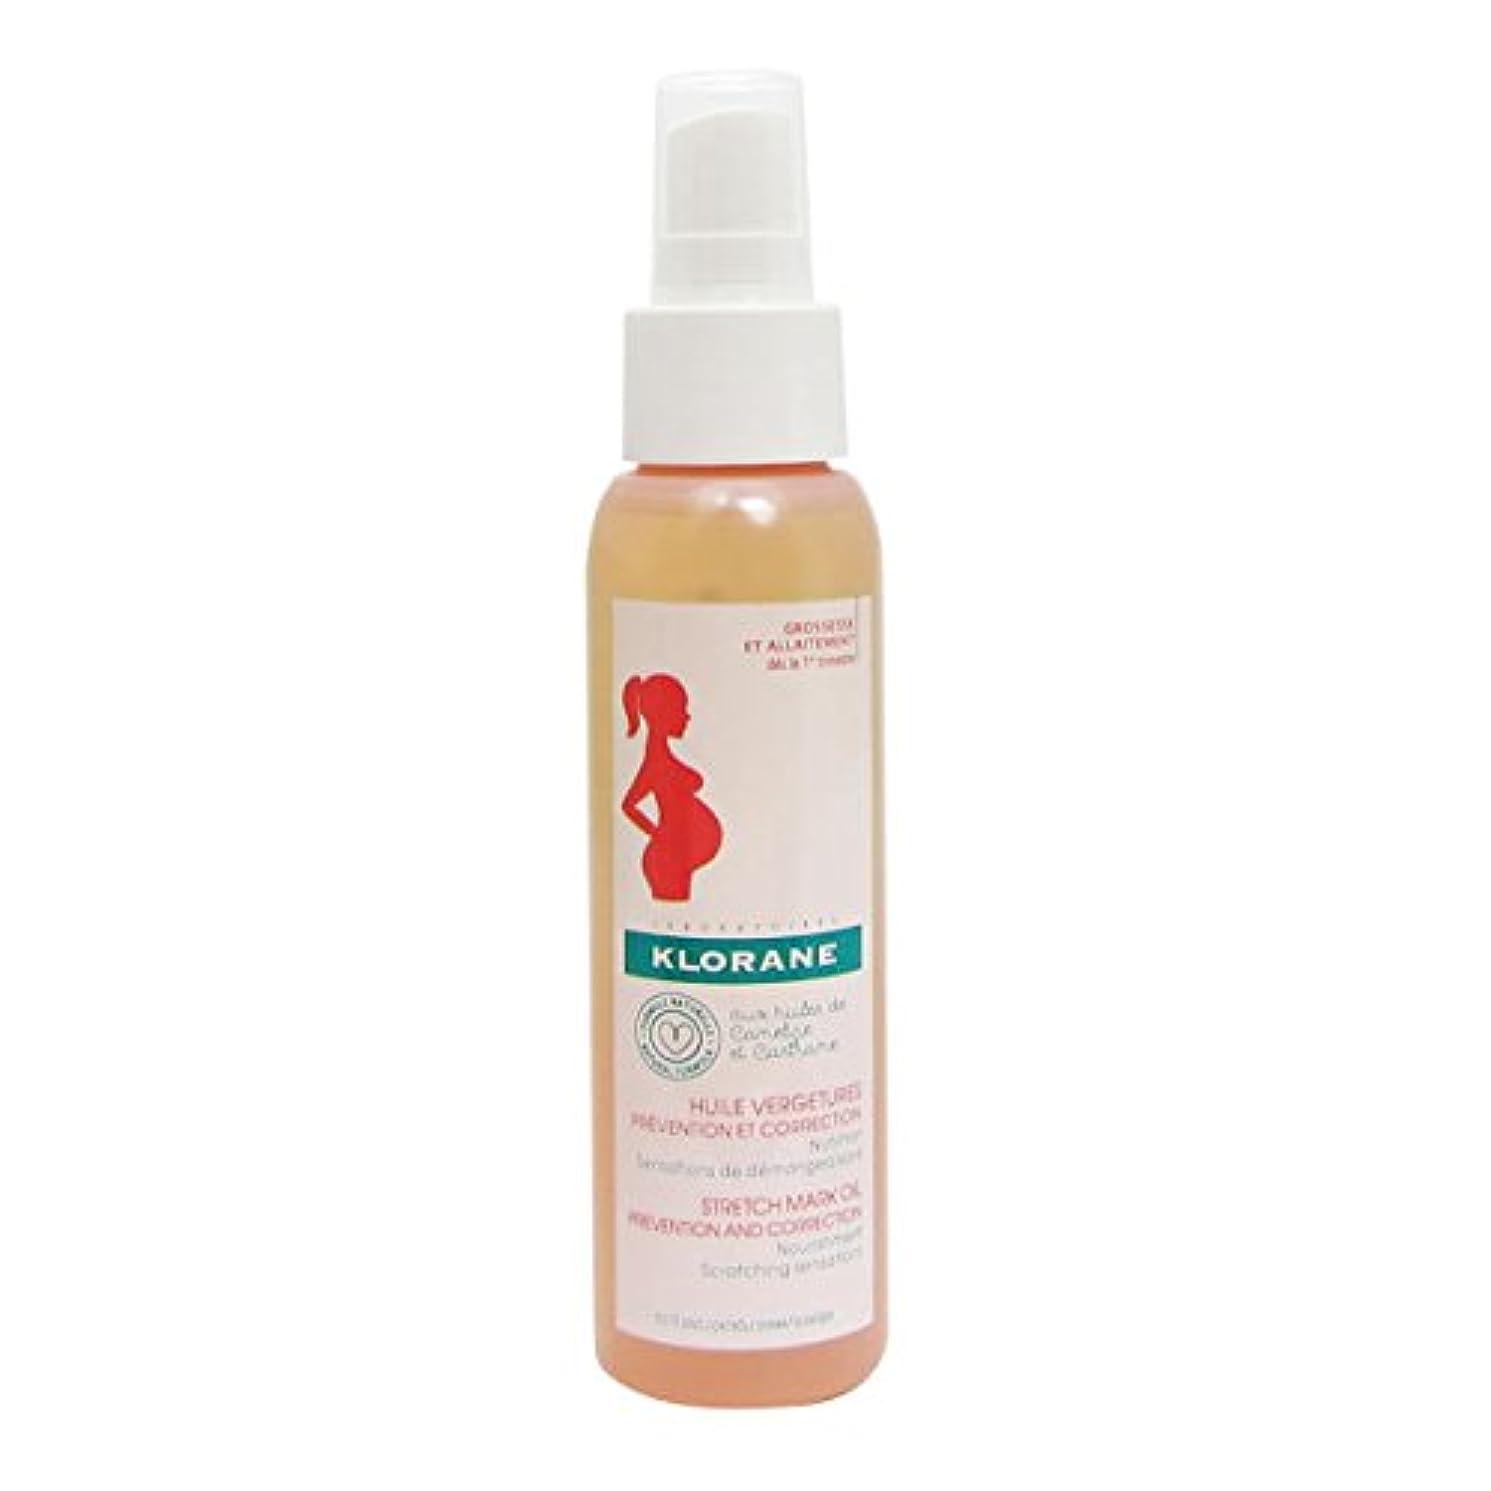 ロバサバント栄養Klorane Stretch Marks Oil 100ml [並行輸入品]